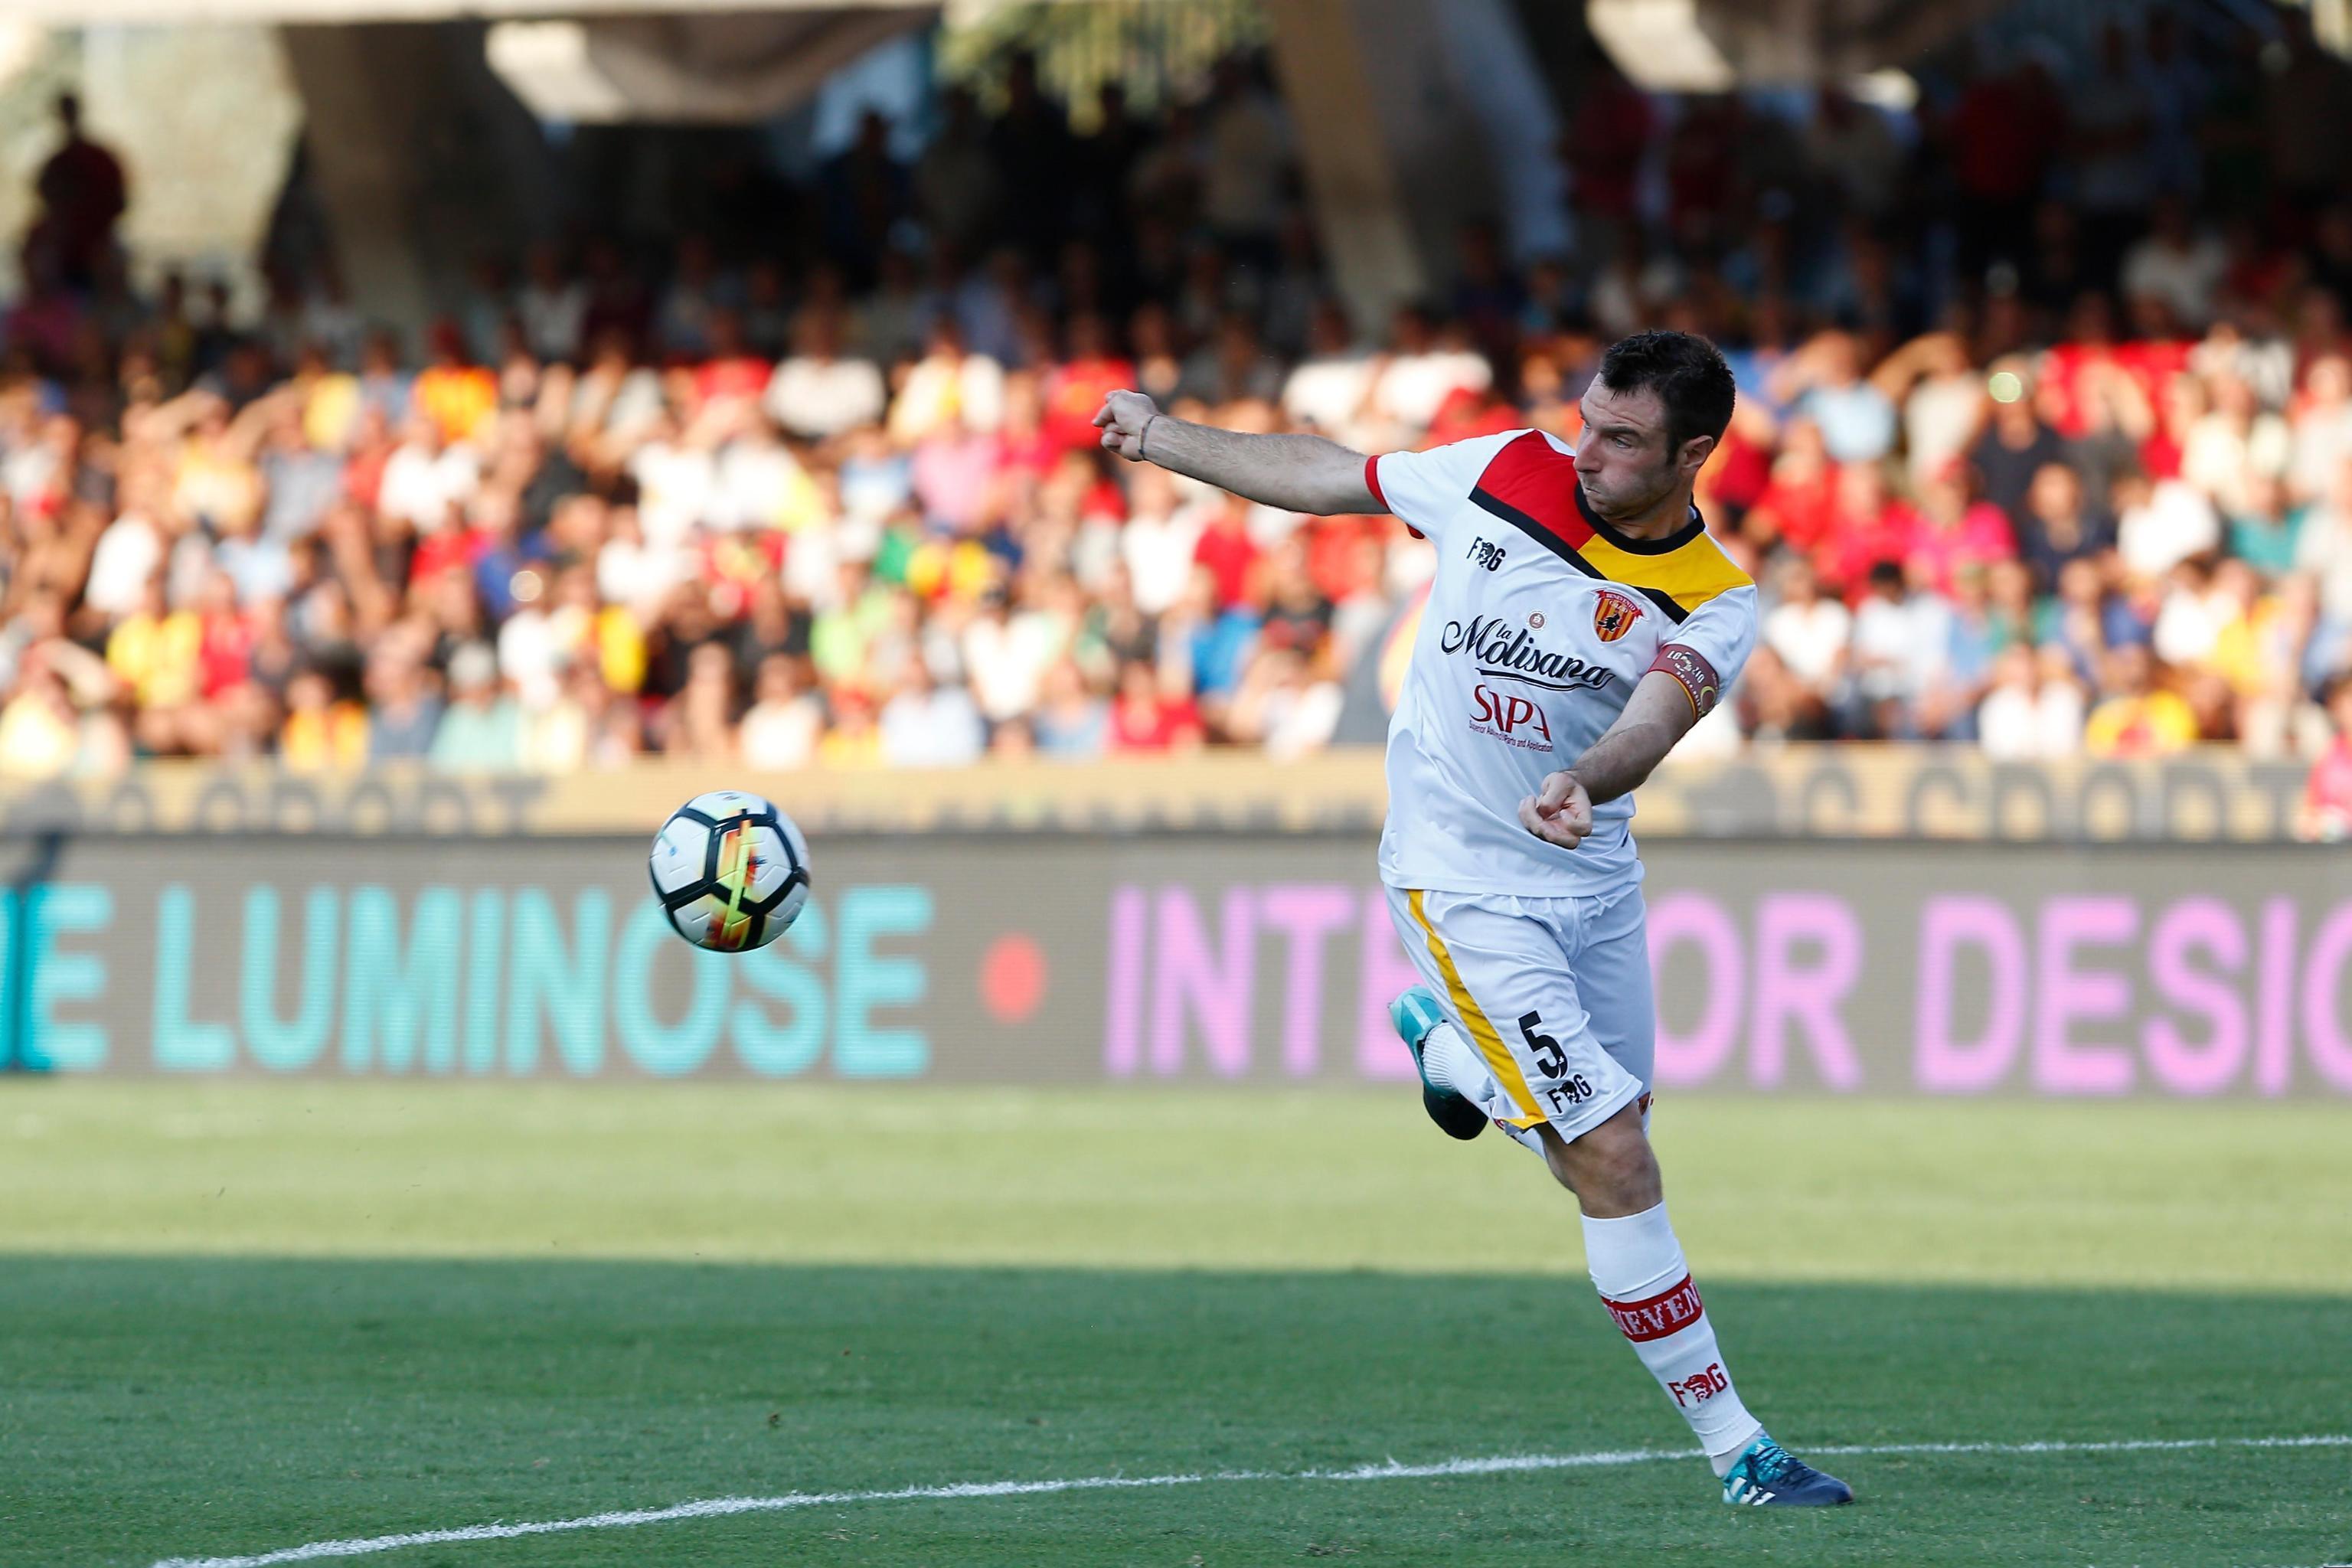 Fabio Lucioni positivo all'antidoping: il capitano del Benevento nei guai